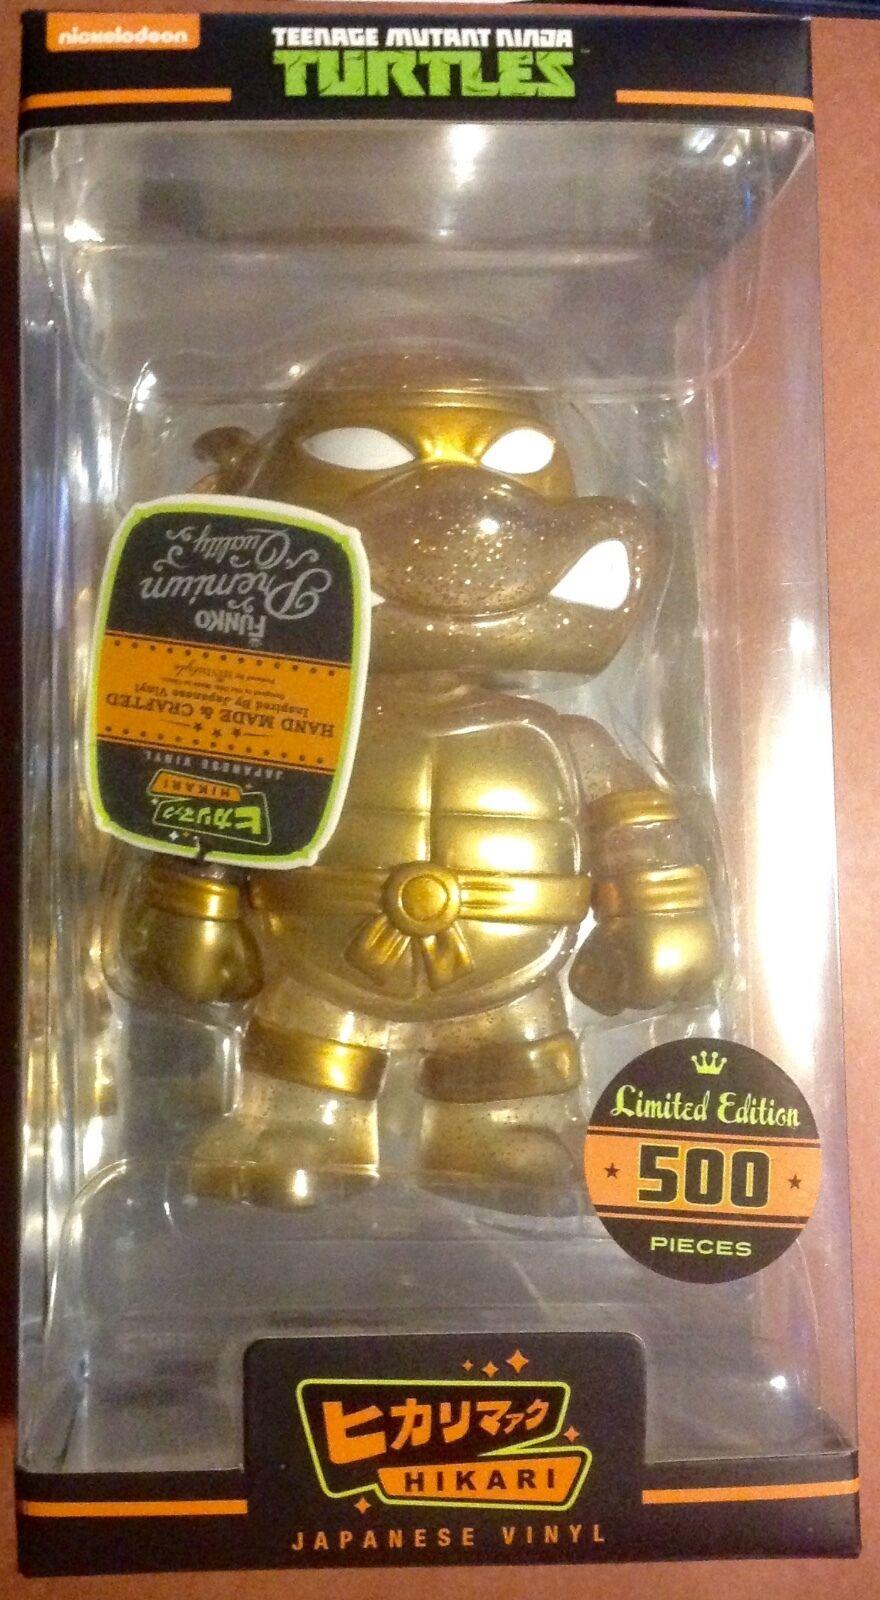 FUNKO Hikari Hikari Hikari Vinyl gold TMNT 1 of 500 Teenage Mutant Ninja Turtles FREE SHIP d02fad